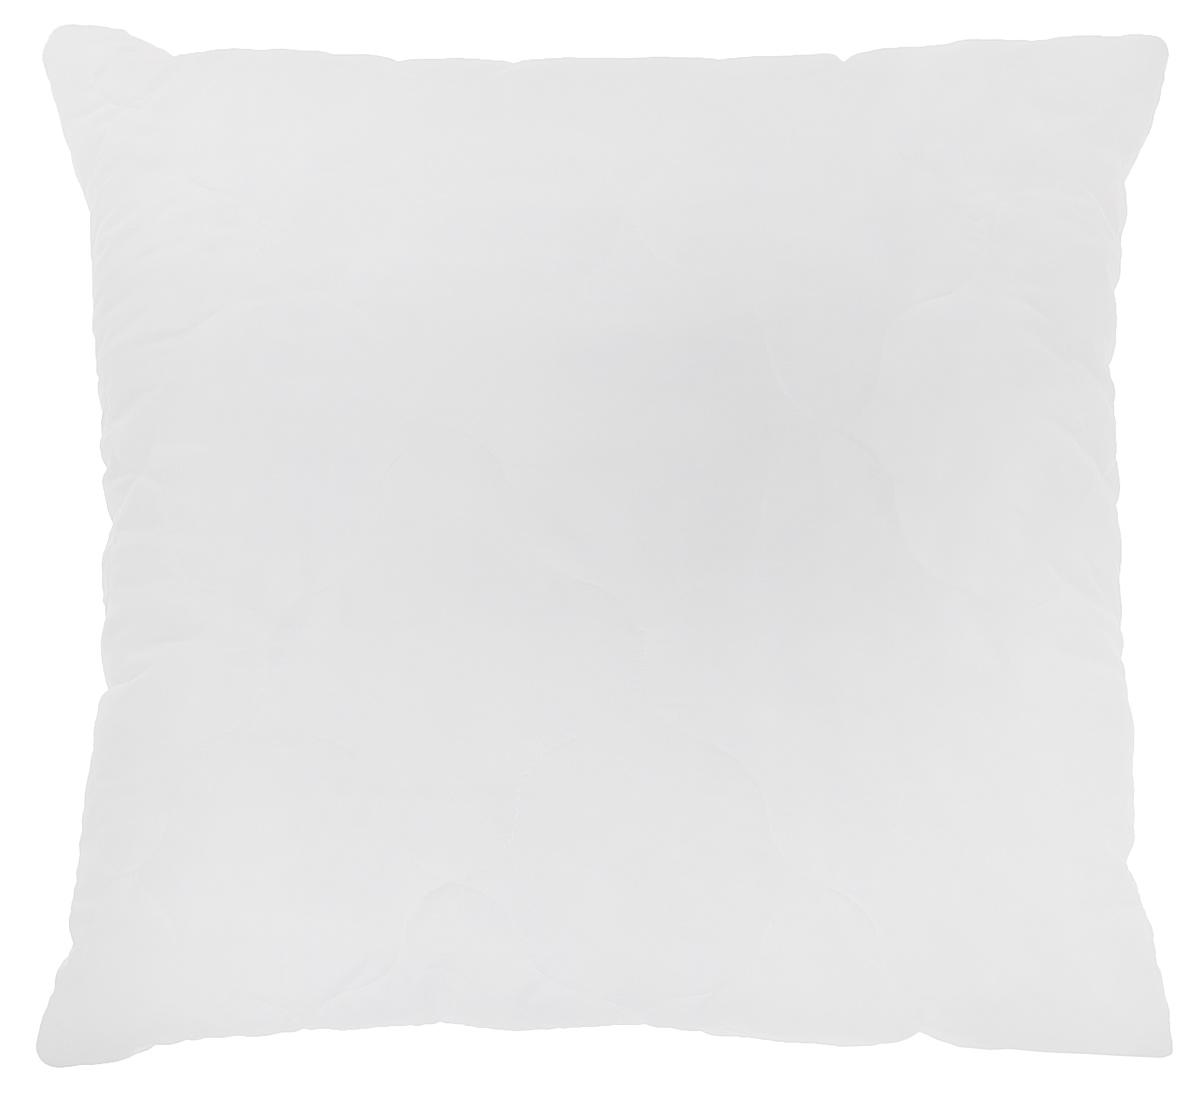 """Подушка Sleeper """"Модена"""" представляет собой стеганый чехол из полиэстера с  наполнителем из силиконизированного волокна.  Особенности подушки Sleeper """"Модена"""": - не вызывает аллергических реакций;  - воздухопроницаема;  - не впитывает запахи;  - имеет удобную форму.   Материал чехла: 100% полиэстер. Наполнитель: шарики из силиконизированного волокна.  Вес наполнителя: 300 г."""